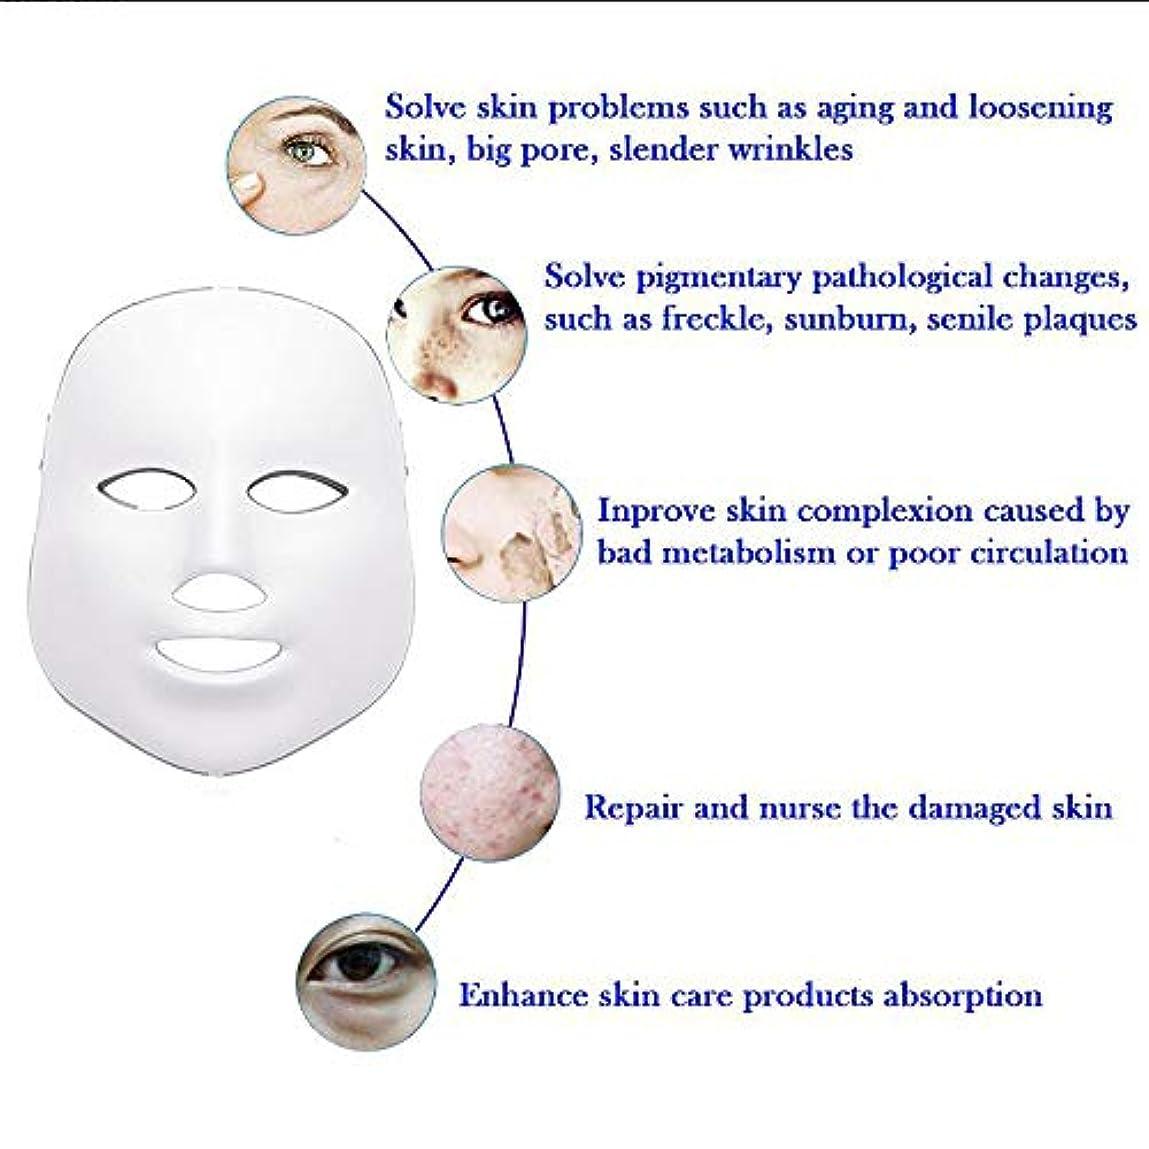 ガジュマル権利を与える年金LEDフェイスマスク、7色フォトンブルーレッドライトスキンリジュビネーションフェイシャルスキンケアマスク、アンチエイジング、しわ、瘢痕フェイシャルスキンケアマスク